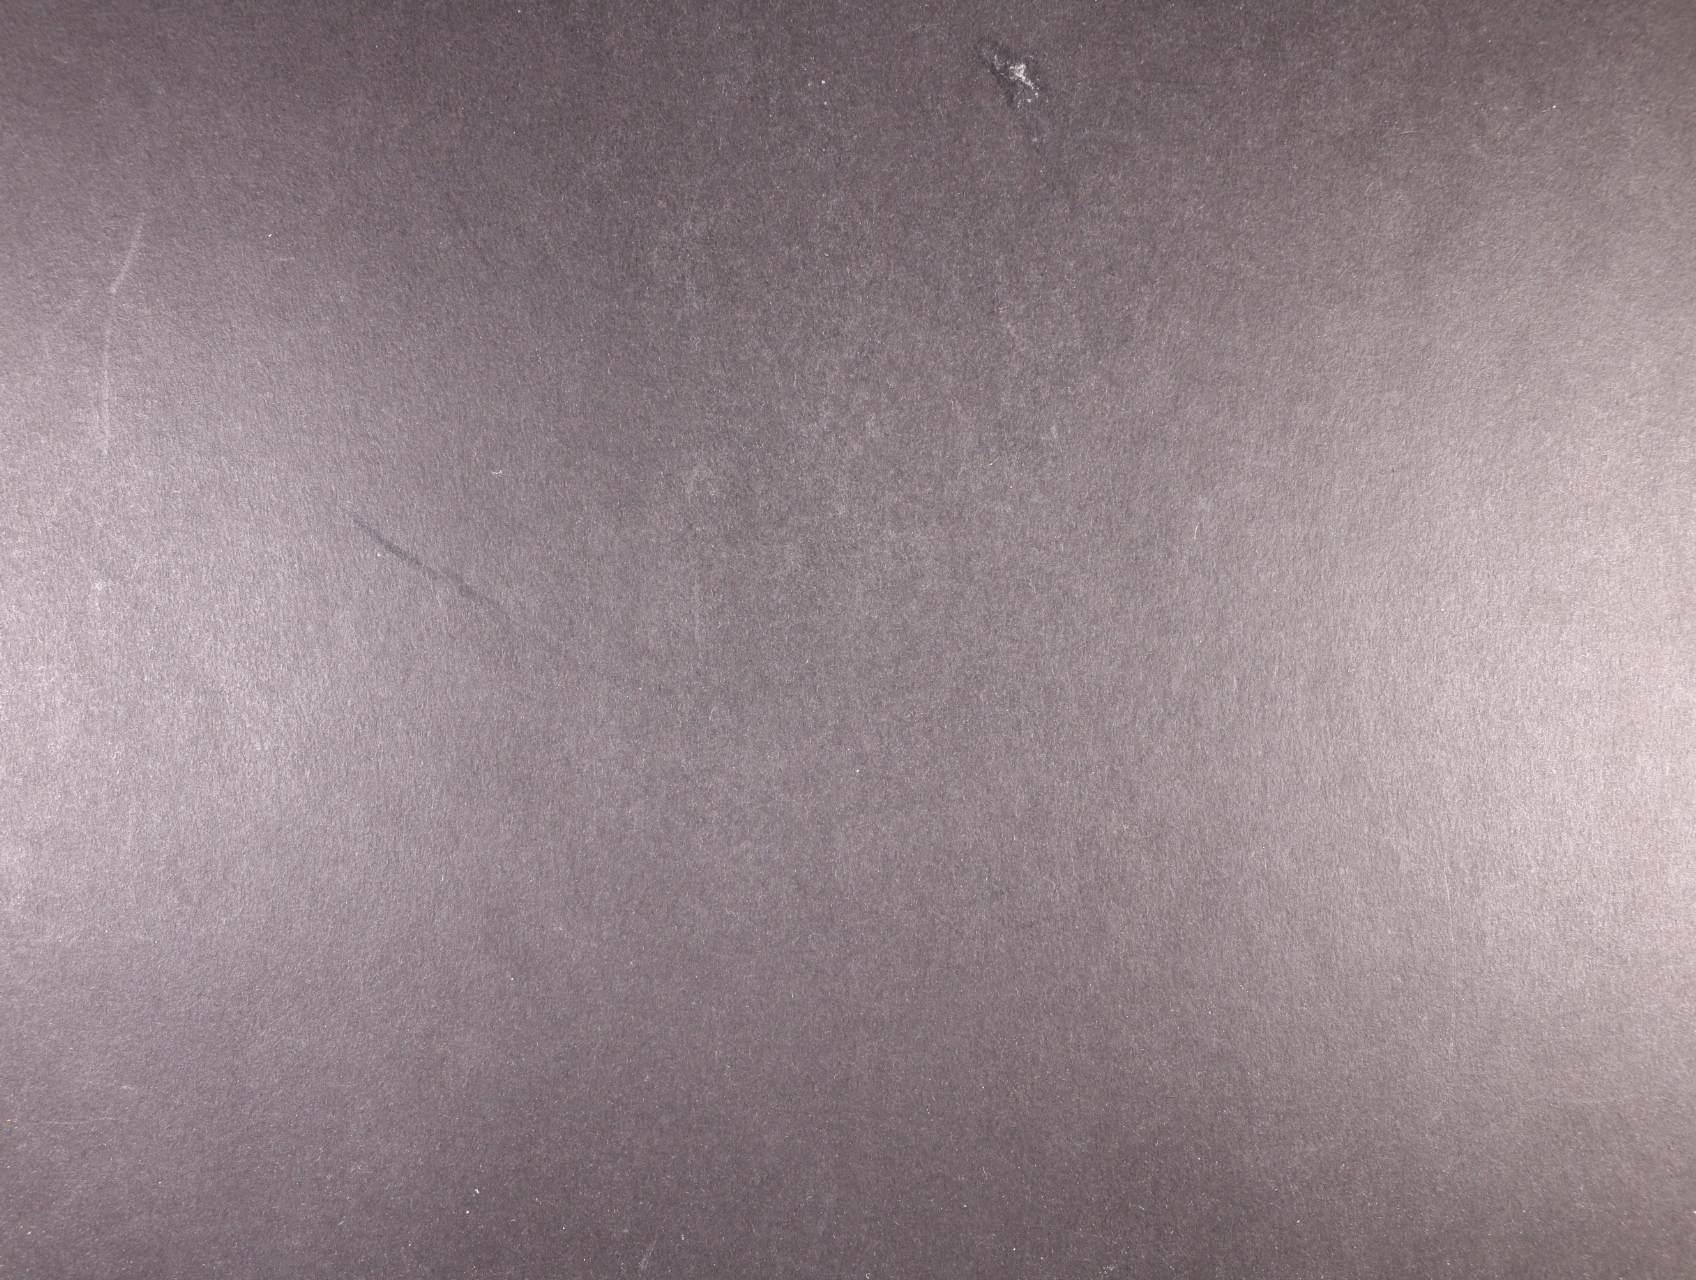 ČSR I - nekompl. gen. sbírka zn. z let 1918 - 39, obsahuje mj. zn. č. 6, 9, 83 - 8, 131 - 9, 176 - 86, PP 7 - PP 15 typ I, PP 7 - PP 15 typ II, kat. cena cca 85000 Kč, uloženo na listech LINDNER v kroužkových deskách v kazetě